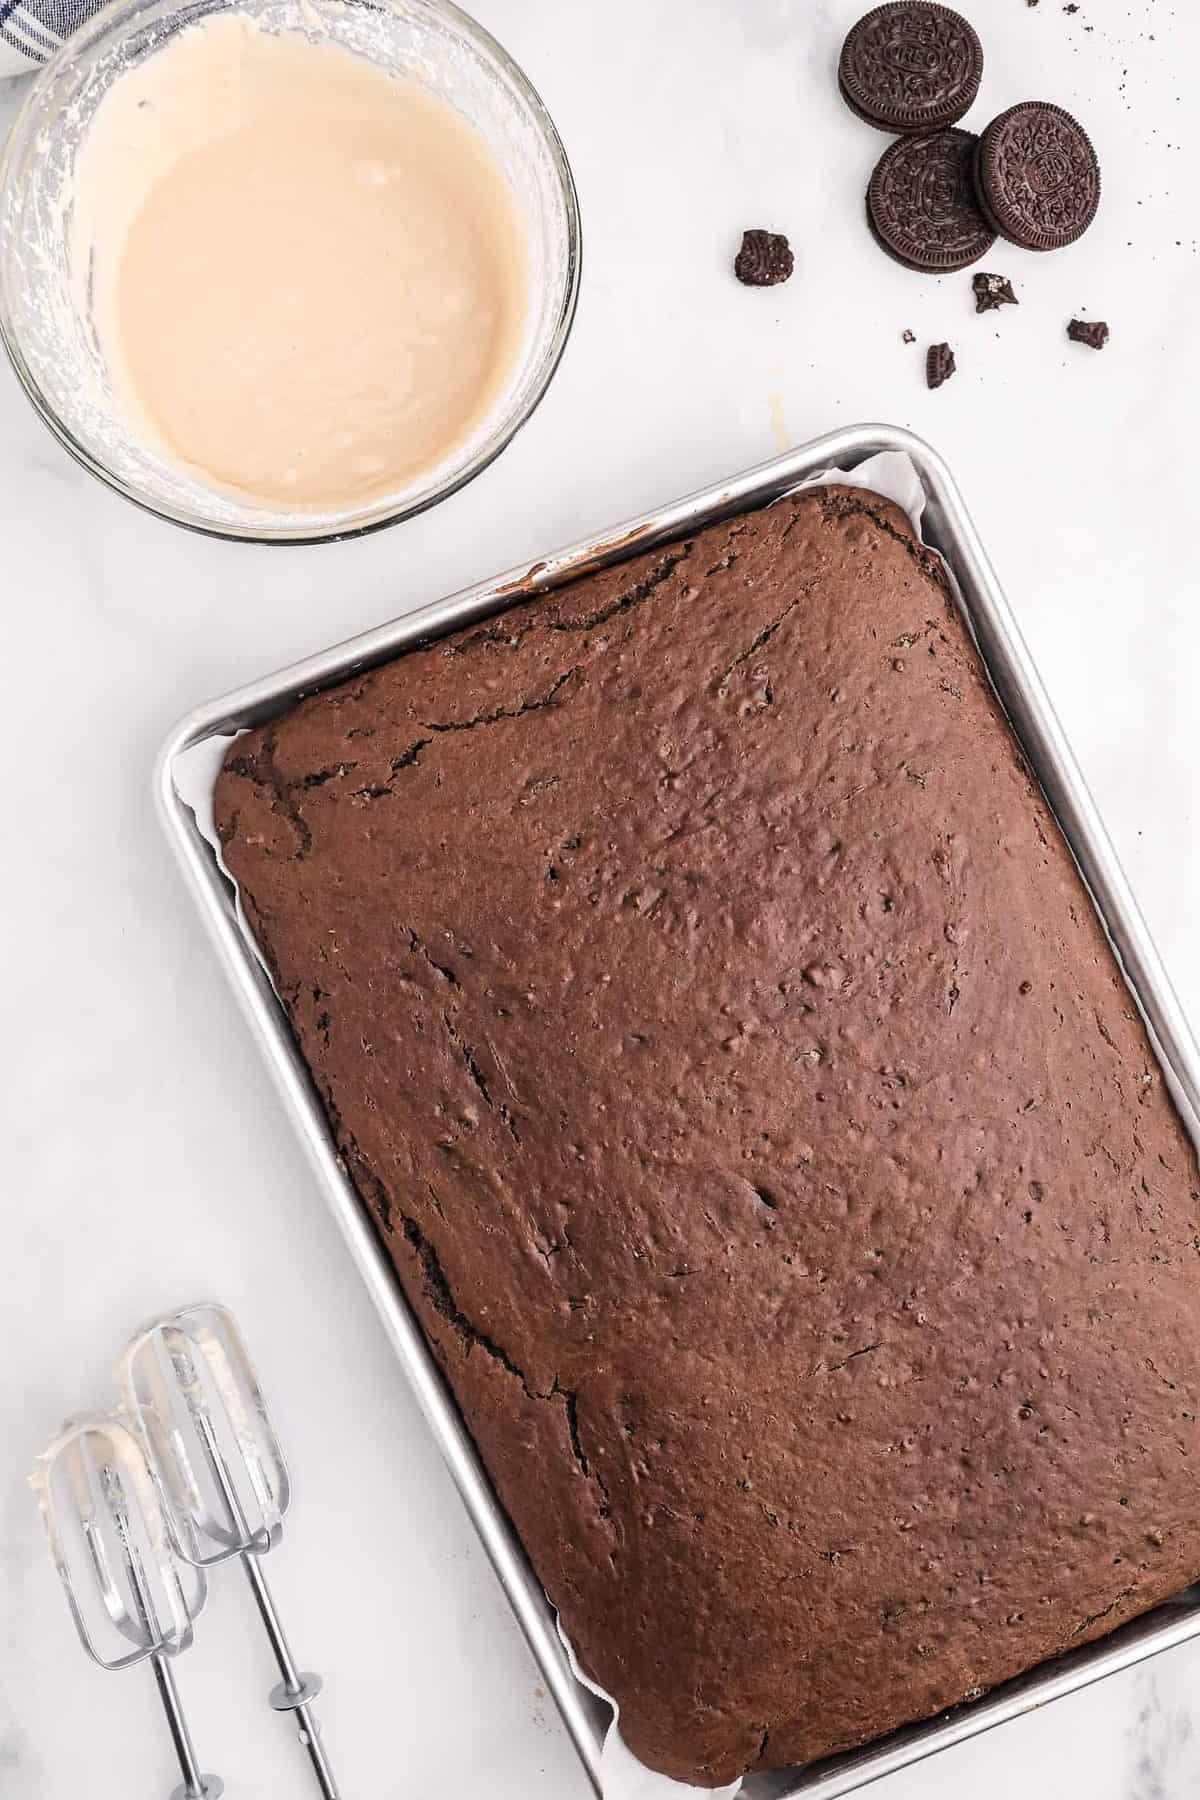 Baked chocolate sheet pan pancake.